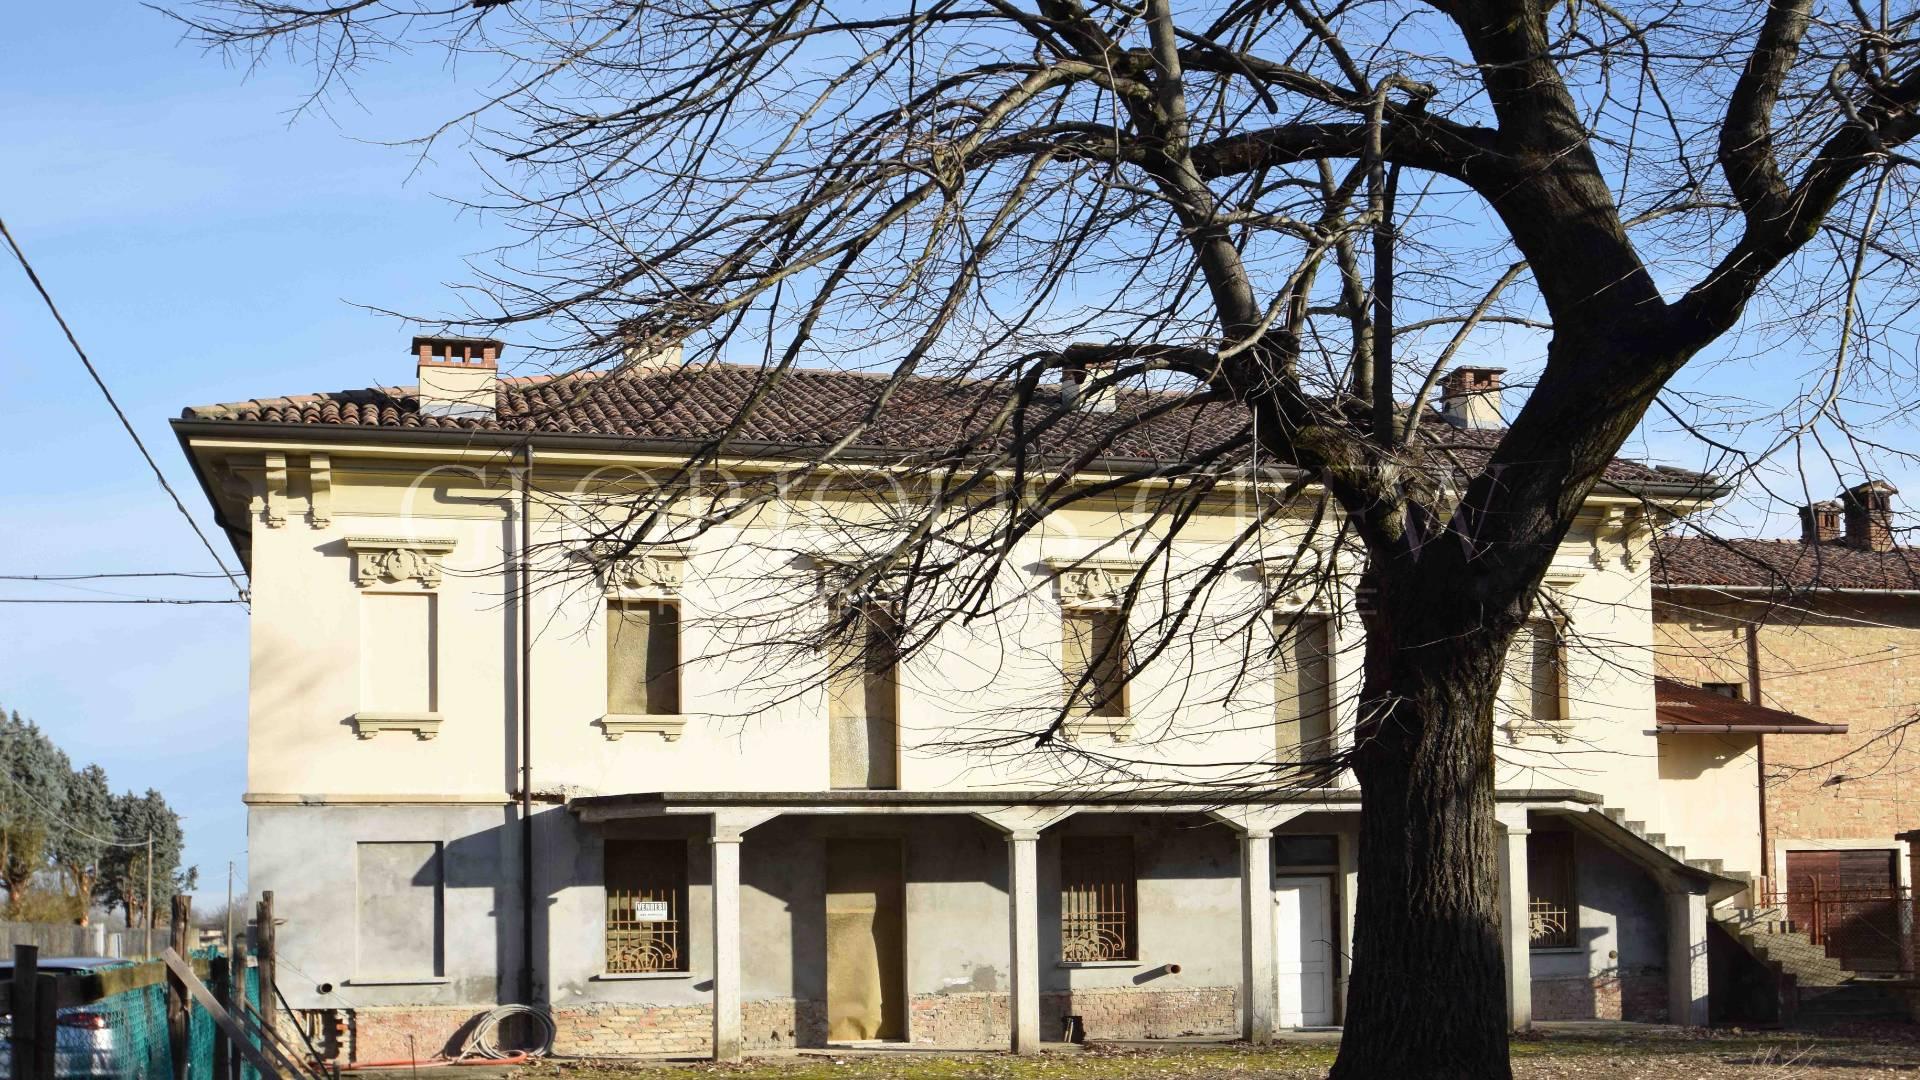 Rustico in Vendita a Molino Dei Torti: 5 locali, 716 mq